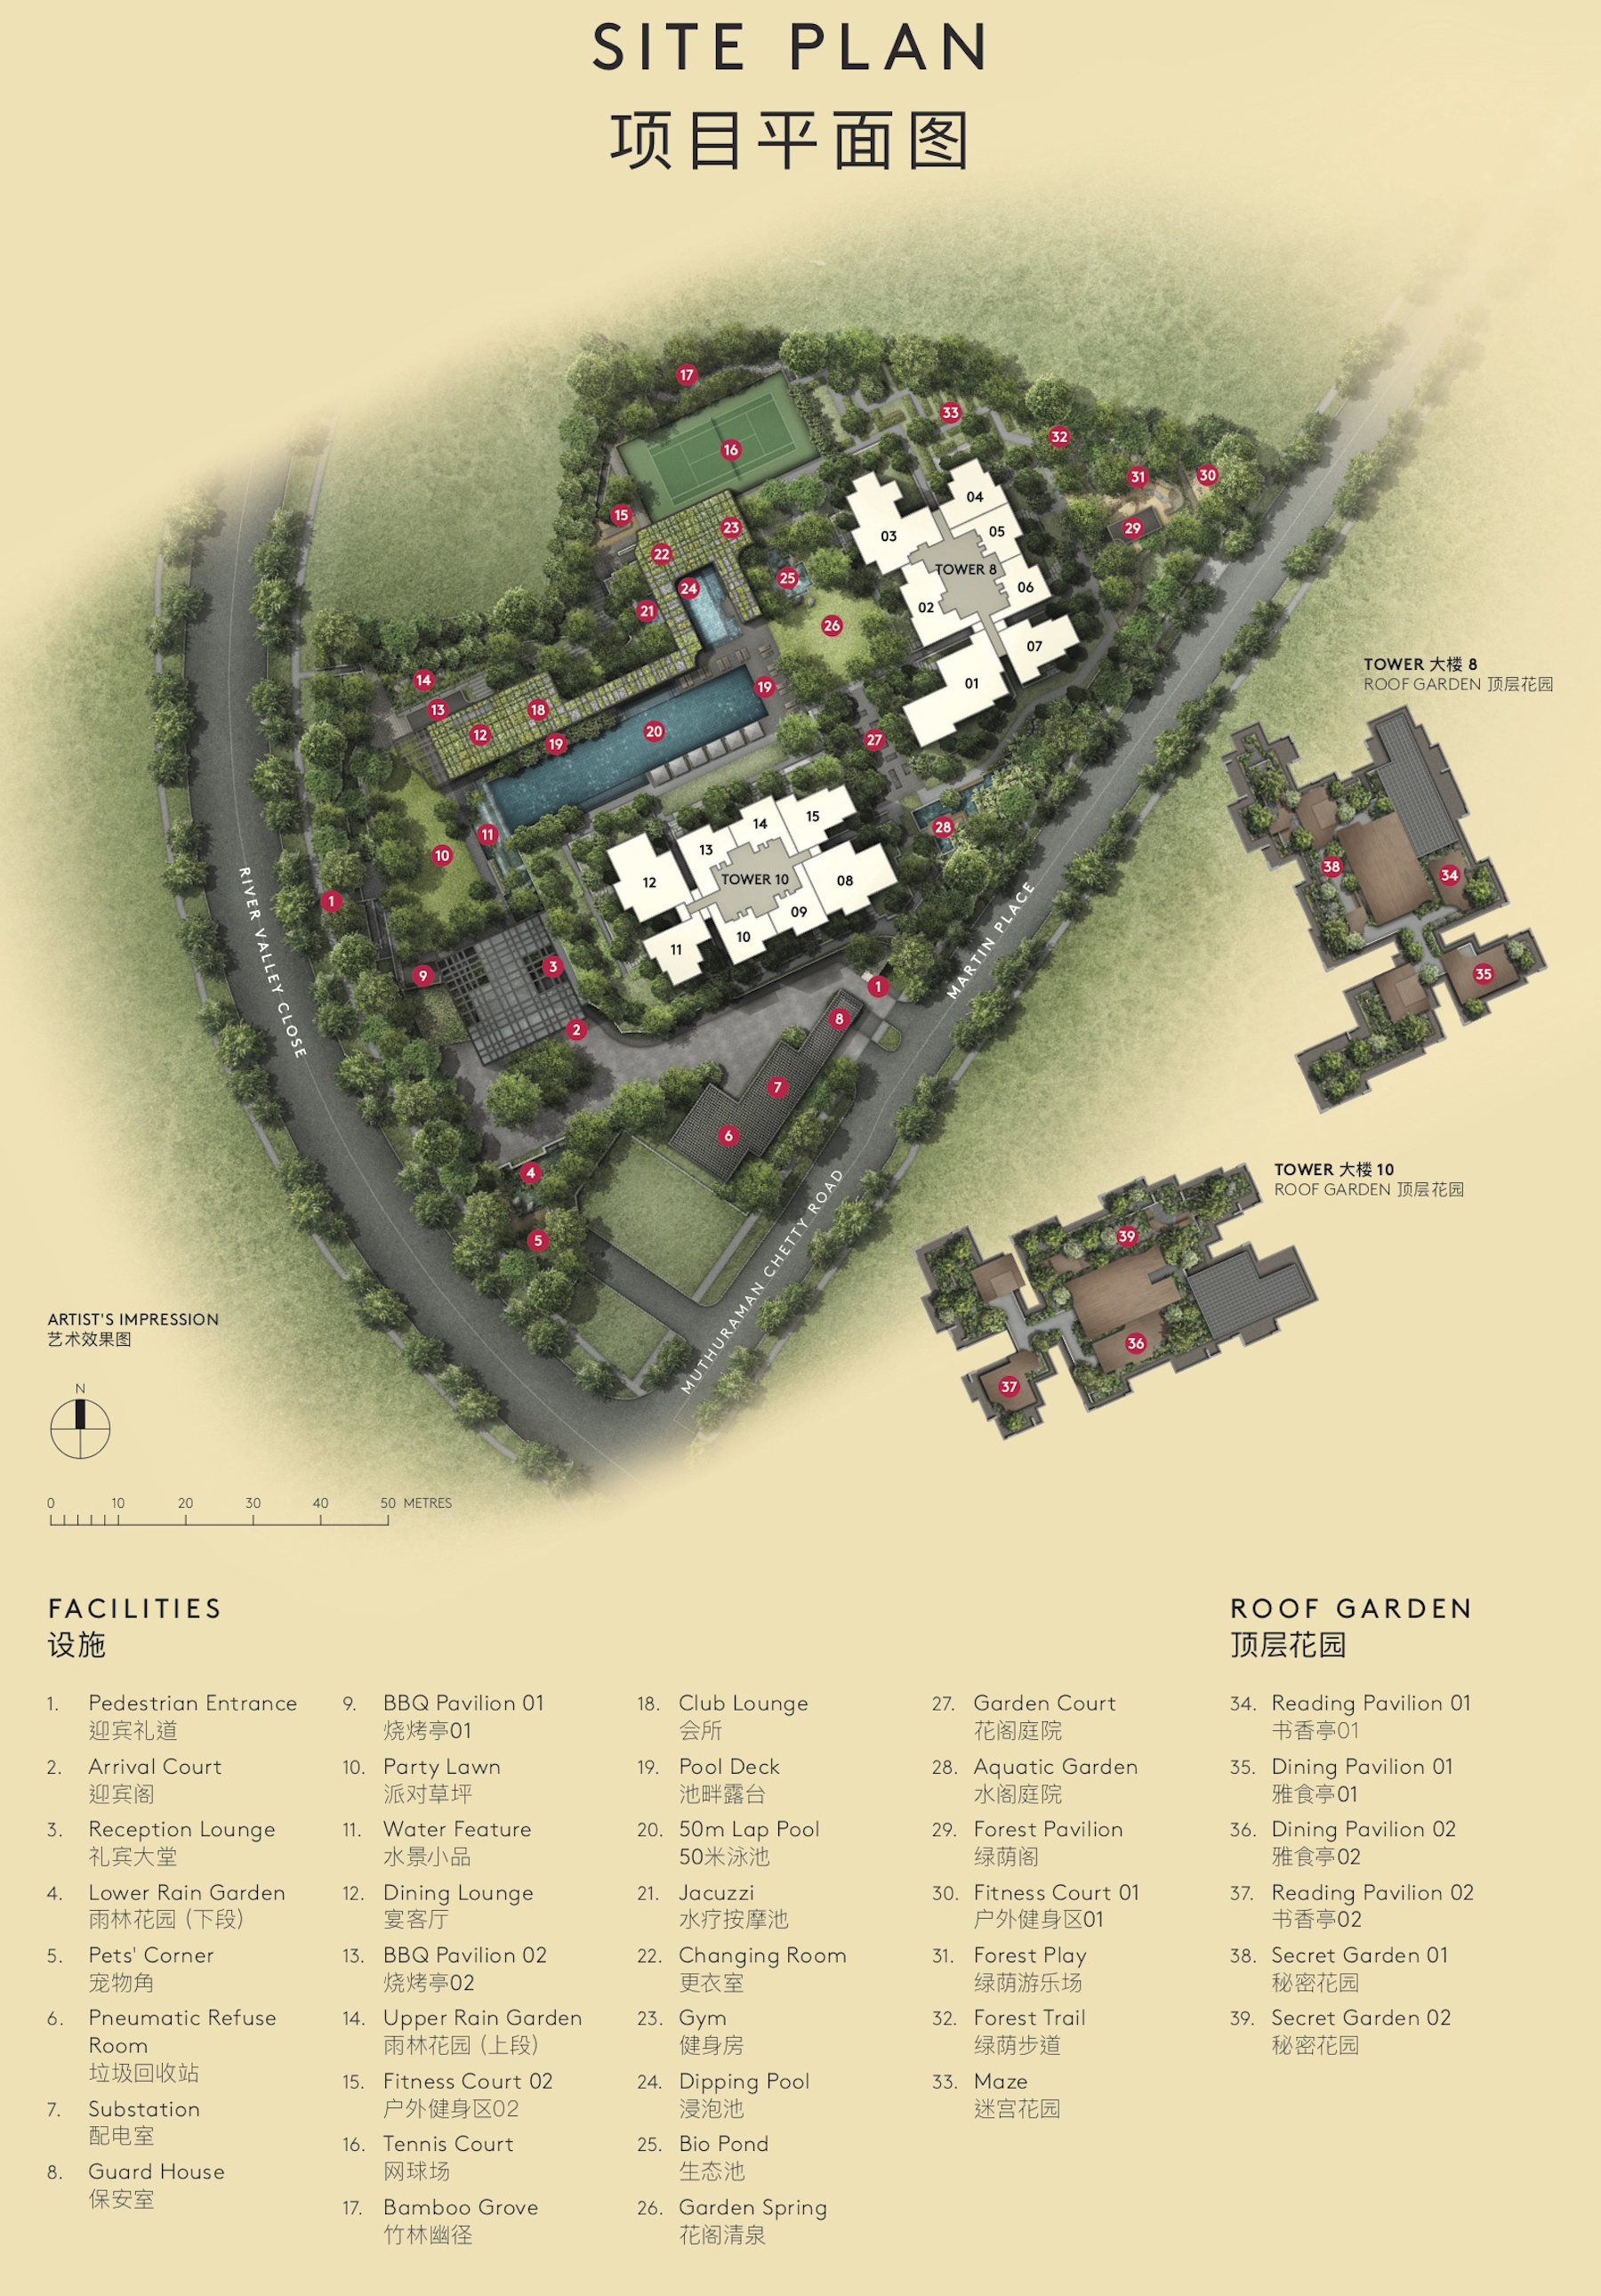 玛庭豪苑平面设计图 Martin Modern site plan chinese